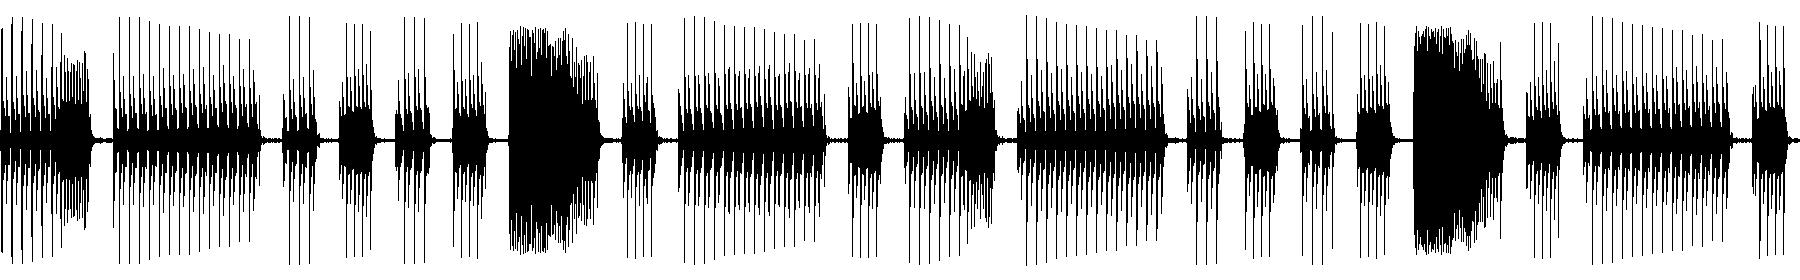 ehp 303loop 130 classicvibe g